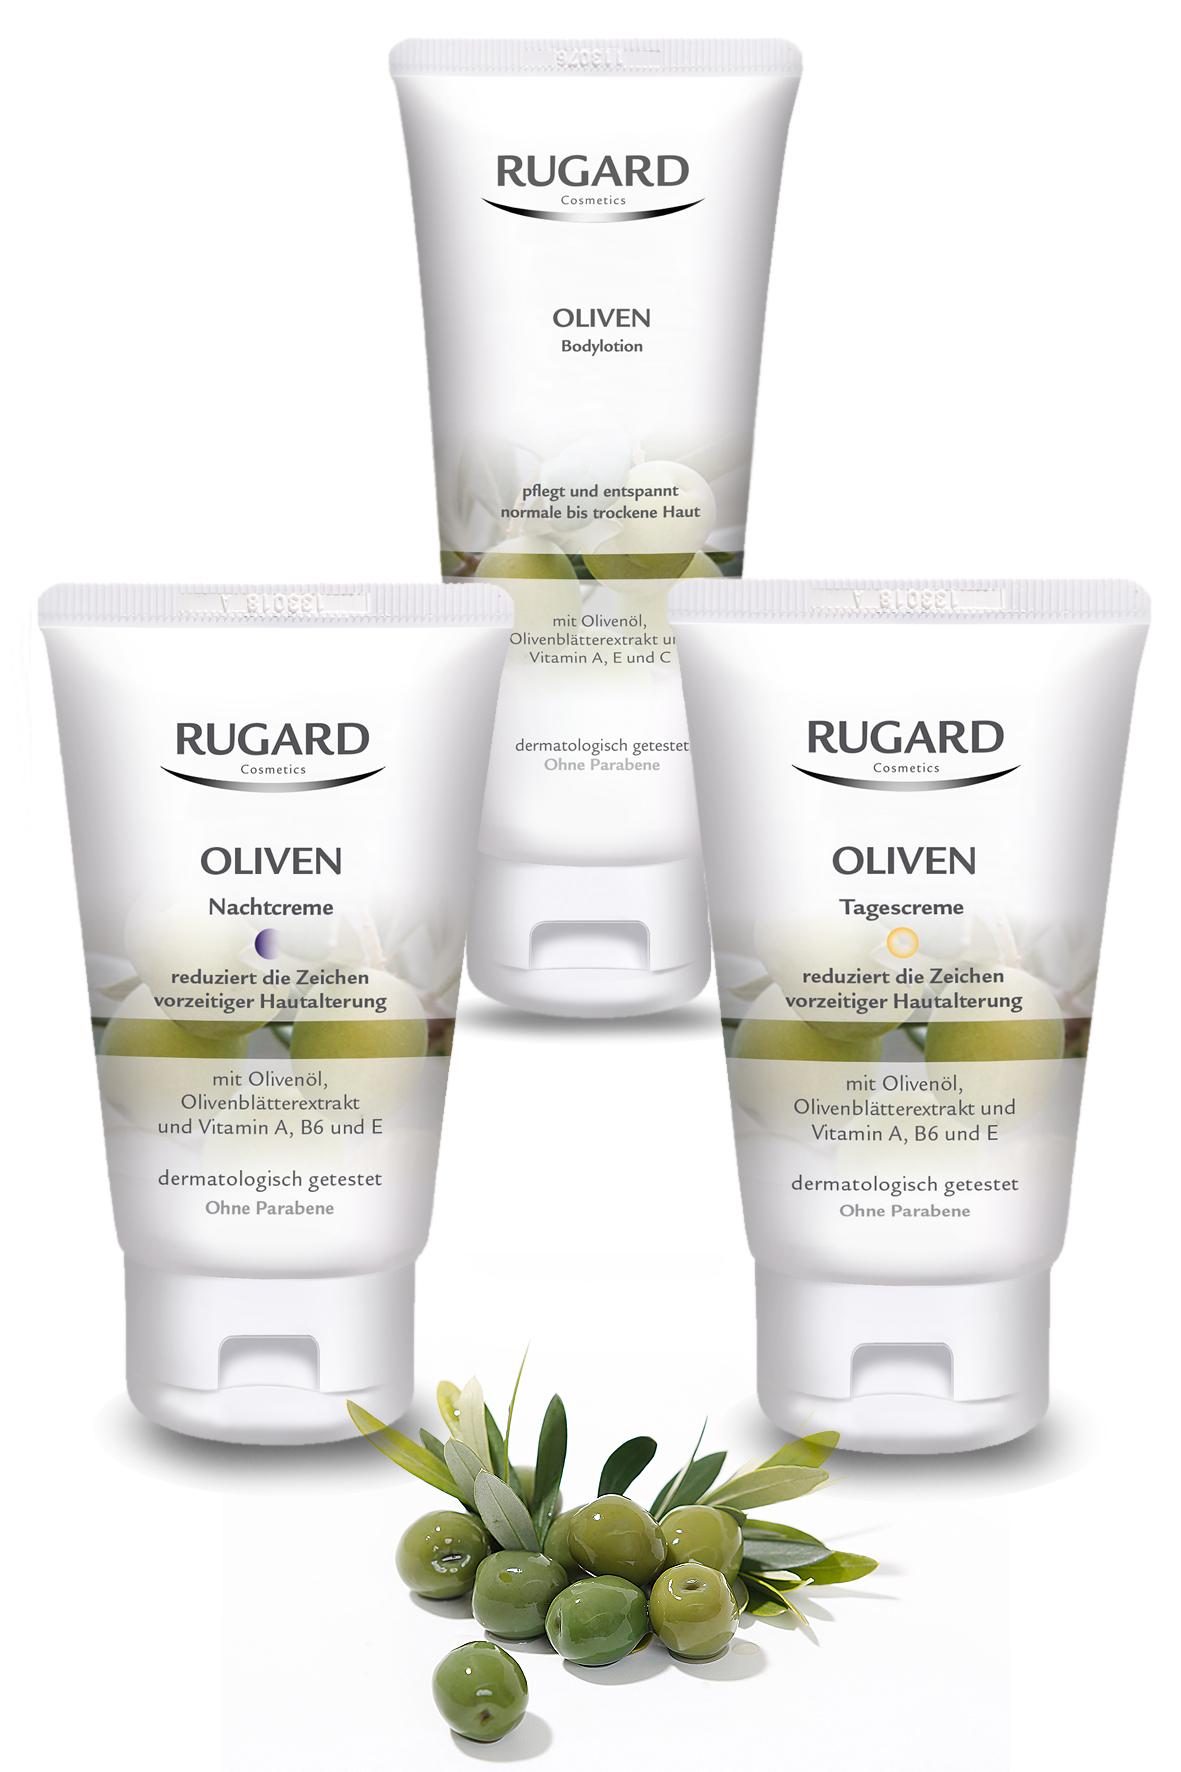 Rugard Oliven-Pflege